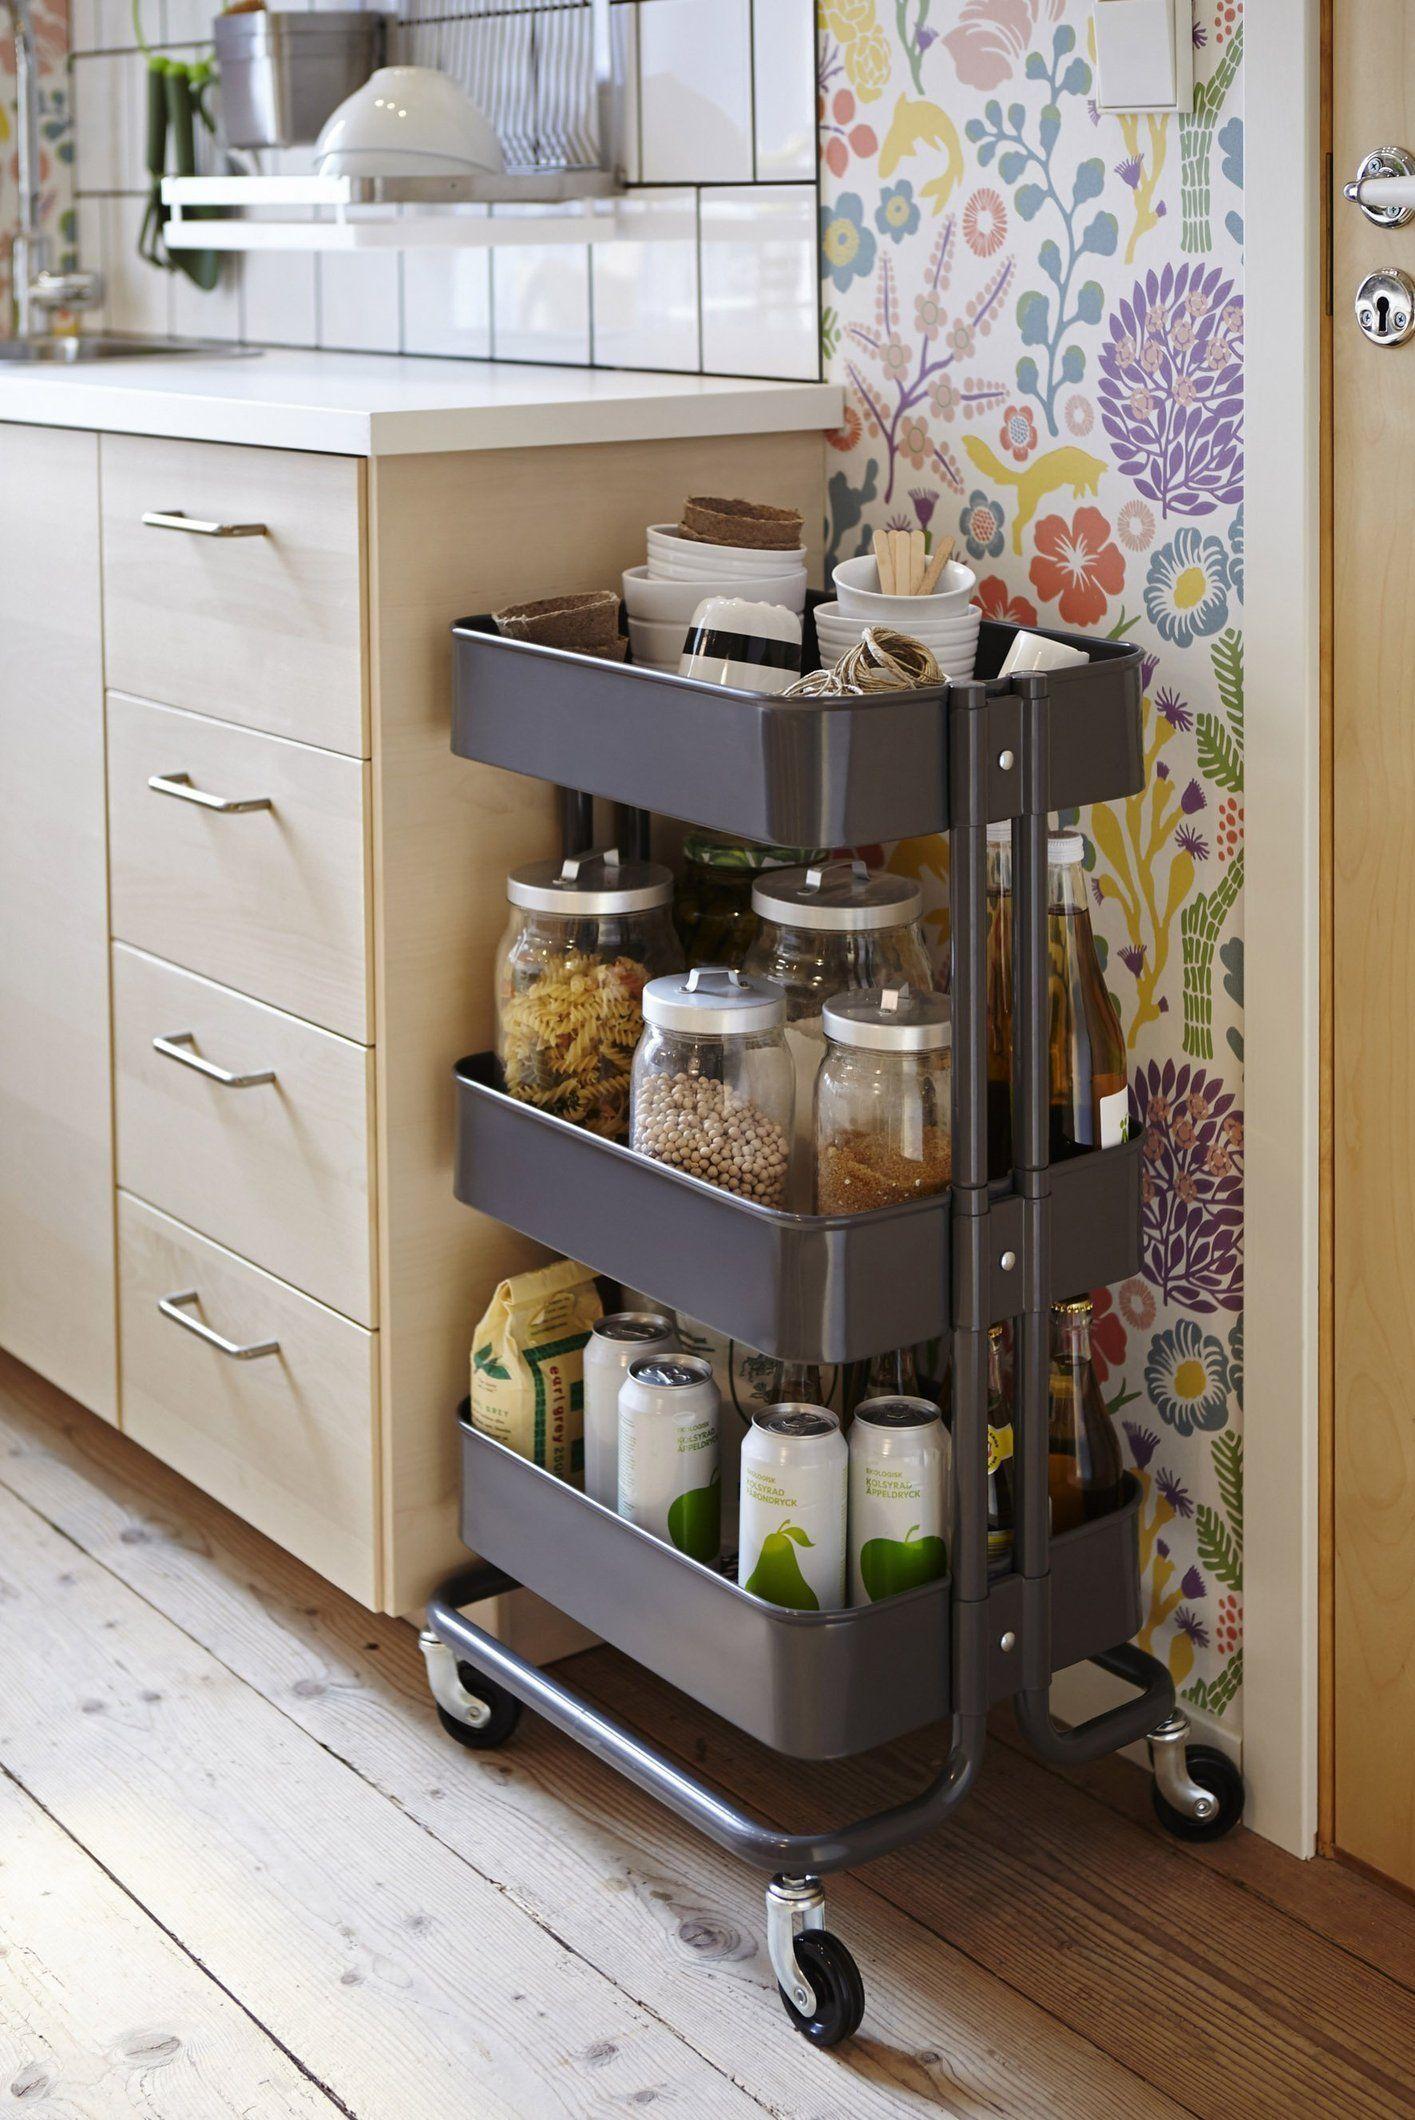 Full Size of 15 Ways To Use Ikeas 30 Rskog Cart Around The Kitchen Mbel Betten Bei Ikea Modulküche Sofa Mit Schlaffunktion Miniküche 160x200 Küche Kaufen Kosten Wohnzimmer Küchenwagen Ikea